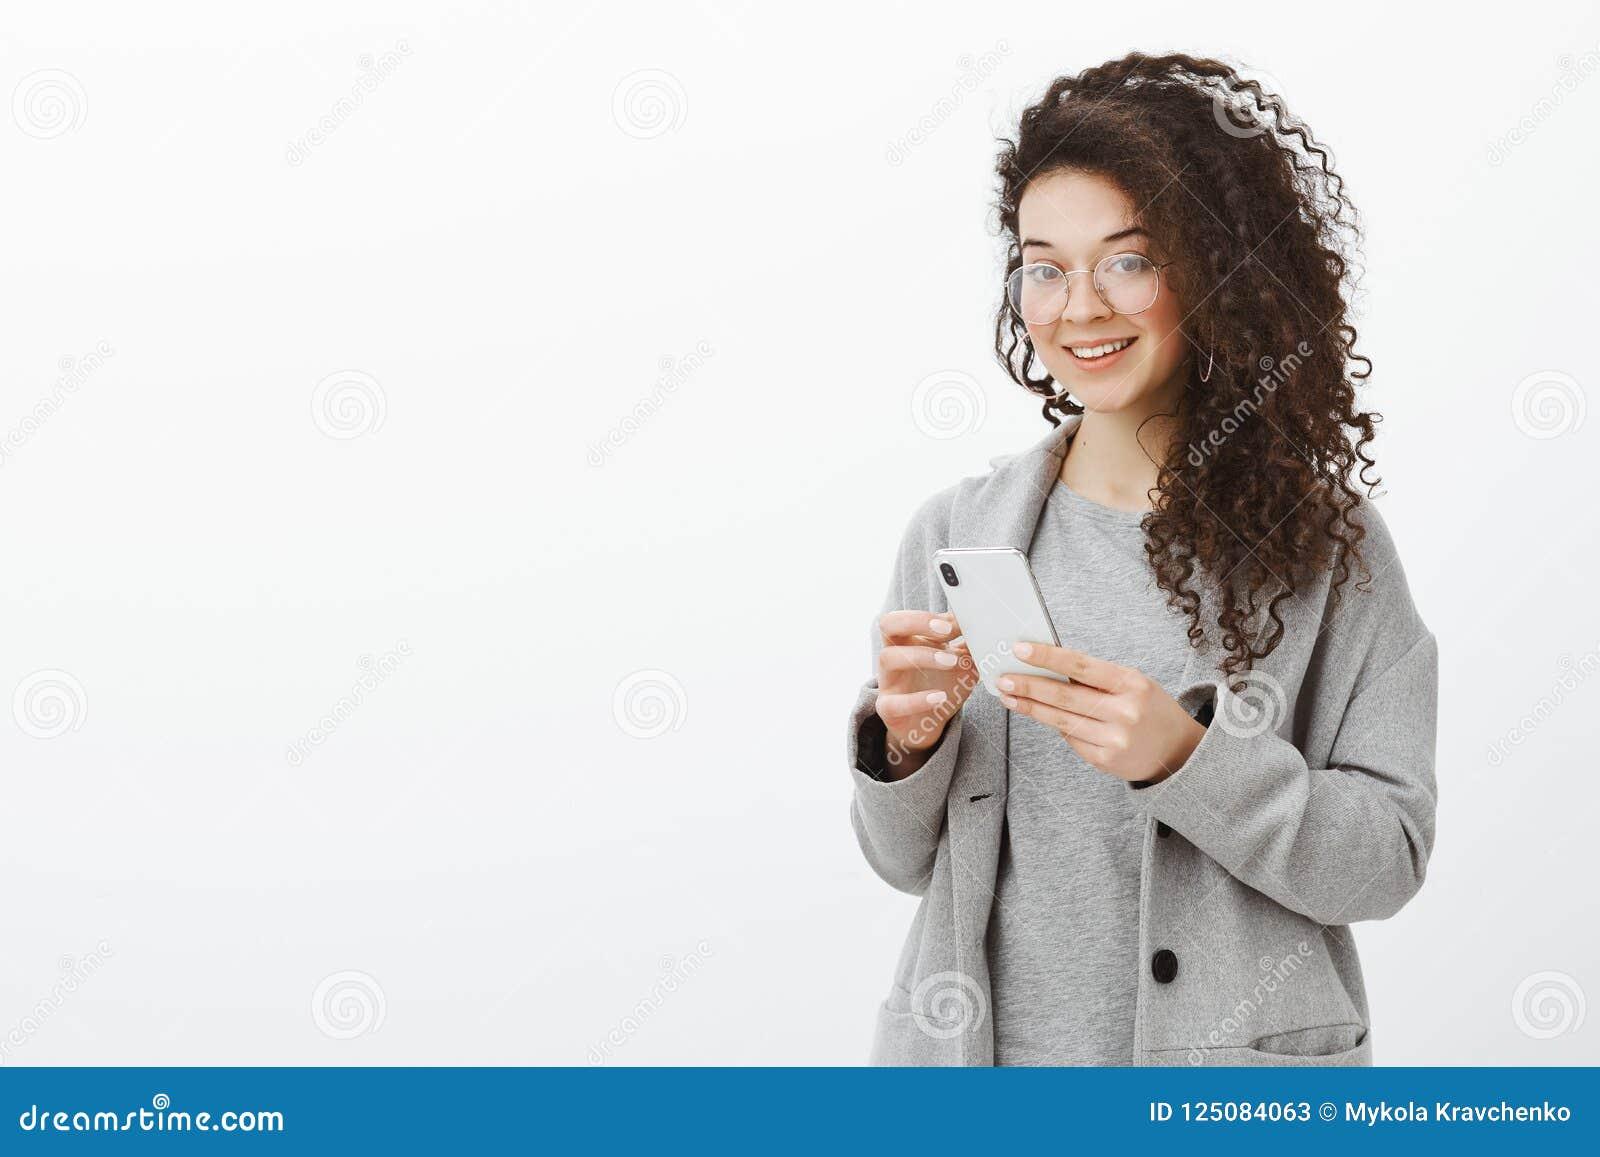 Dites-moi votre numéro de téléphone Portrait de femme sûre belle élégante dans les verres à la mode et le manteau gris, se tenant